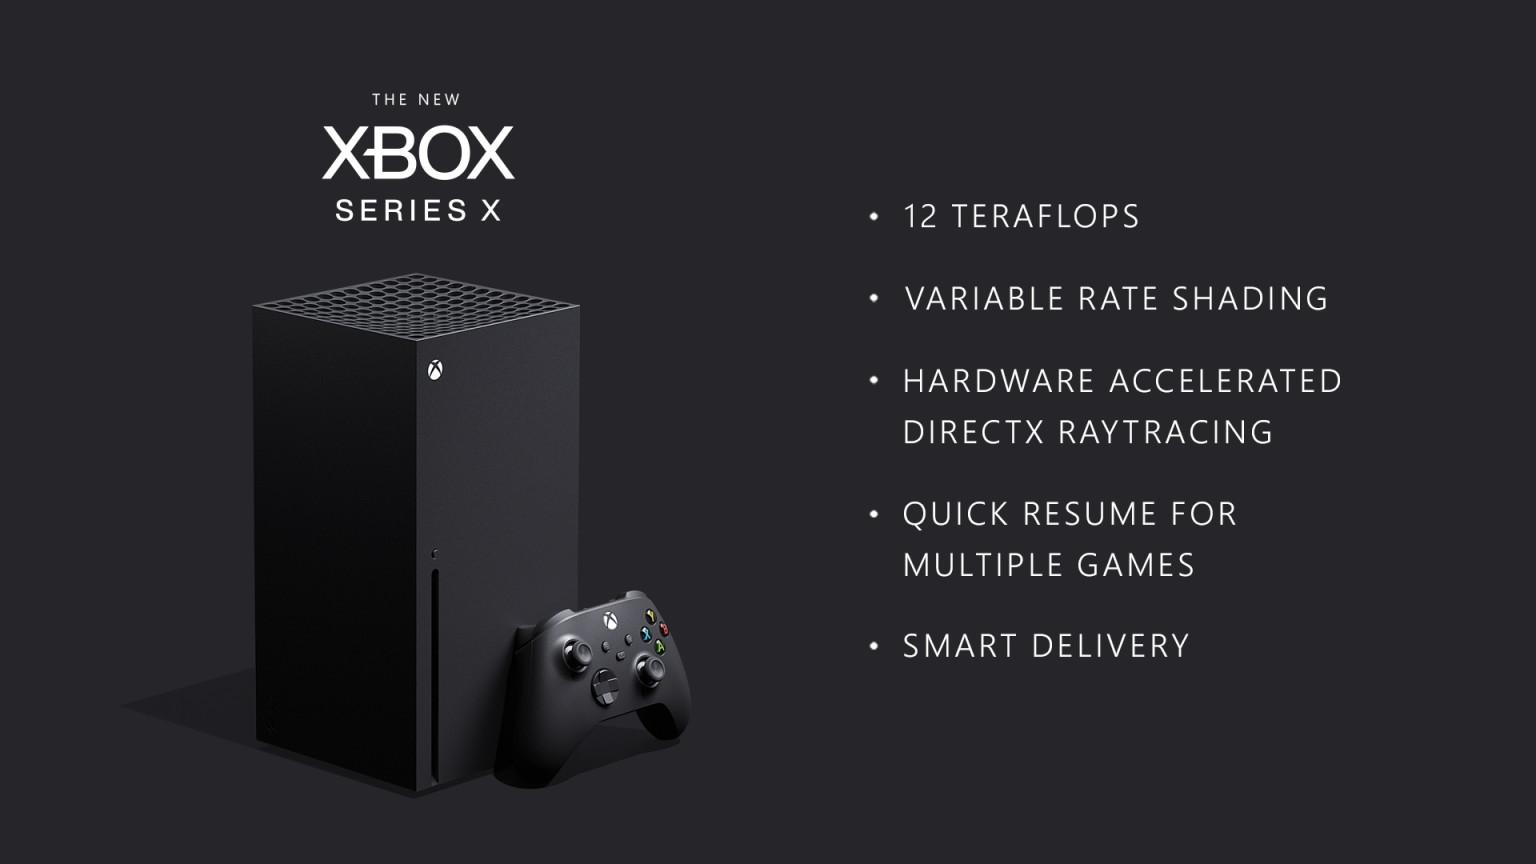 Svelate le specifiche di Xbox Series X: super potente e retro compatibile